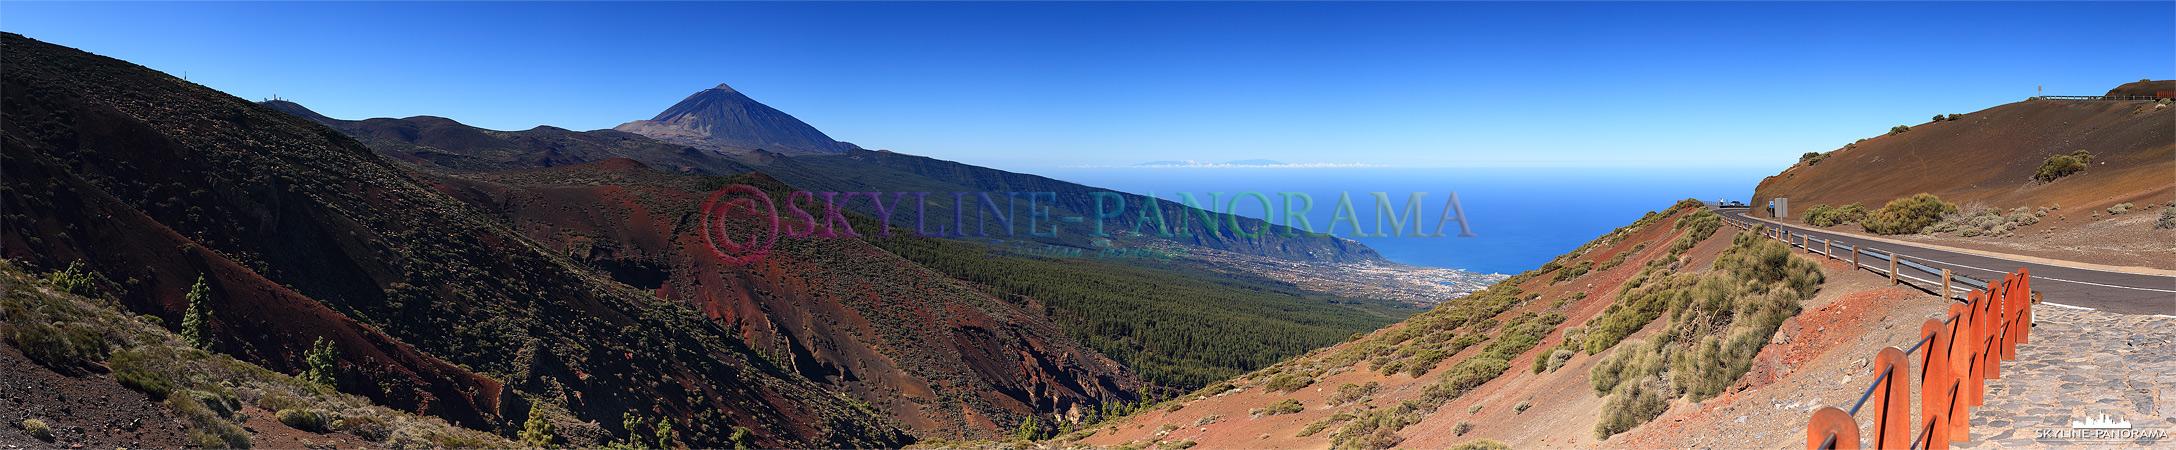 Oberhalb der Baumgrenze wird die Landschaft karger und die Vegetation spärlicher, auf diesem Panorama kann man links das Teide Observatorium erkennen.